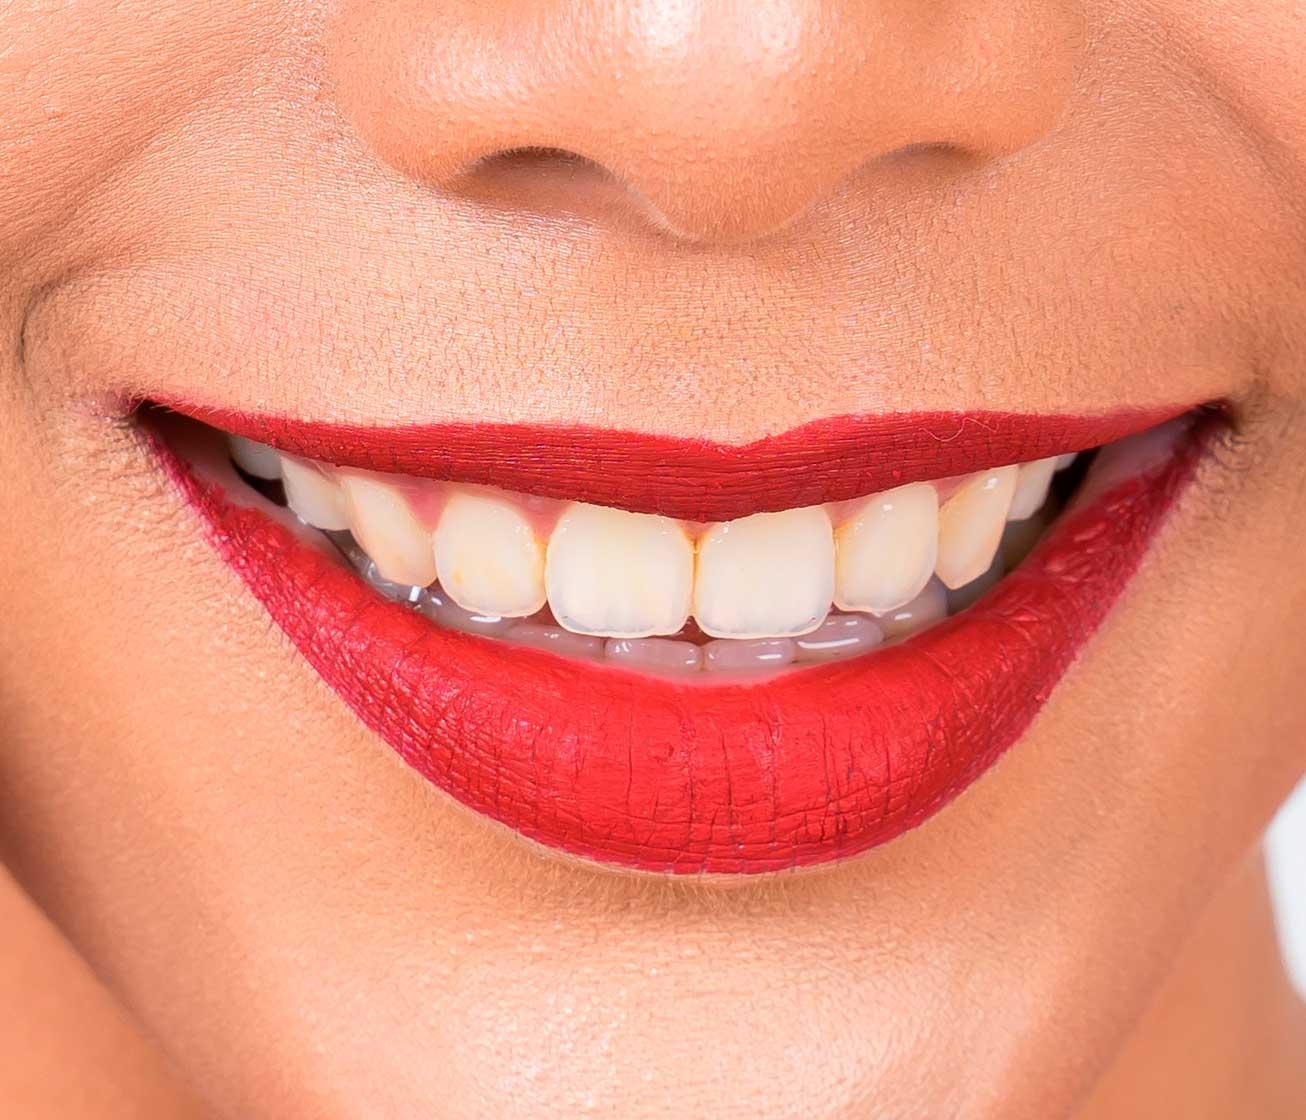 clinica-murcia-tratamiento-ortodoncia-www.clinicamasbermejo.com